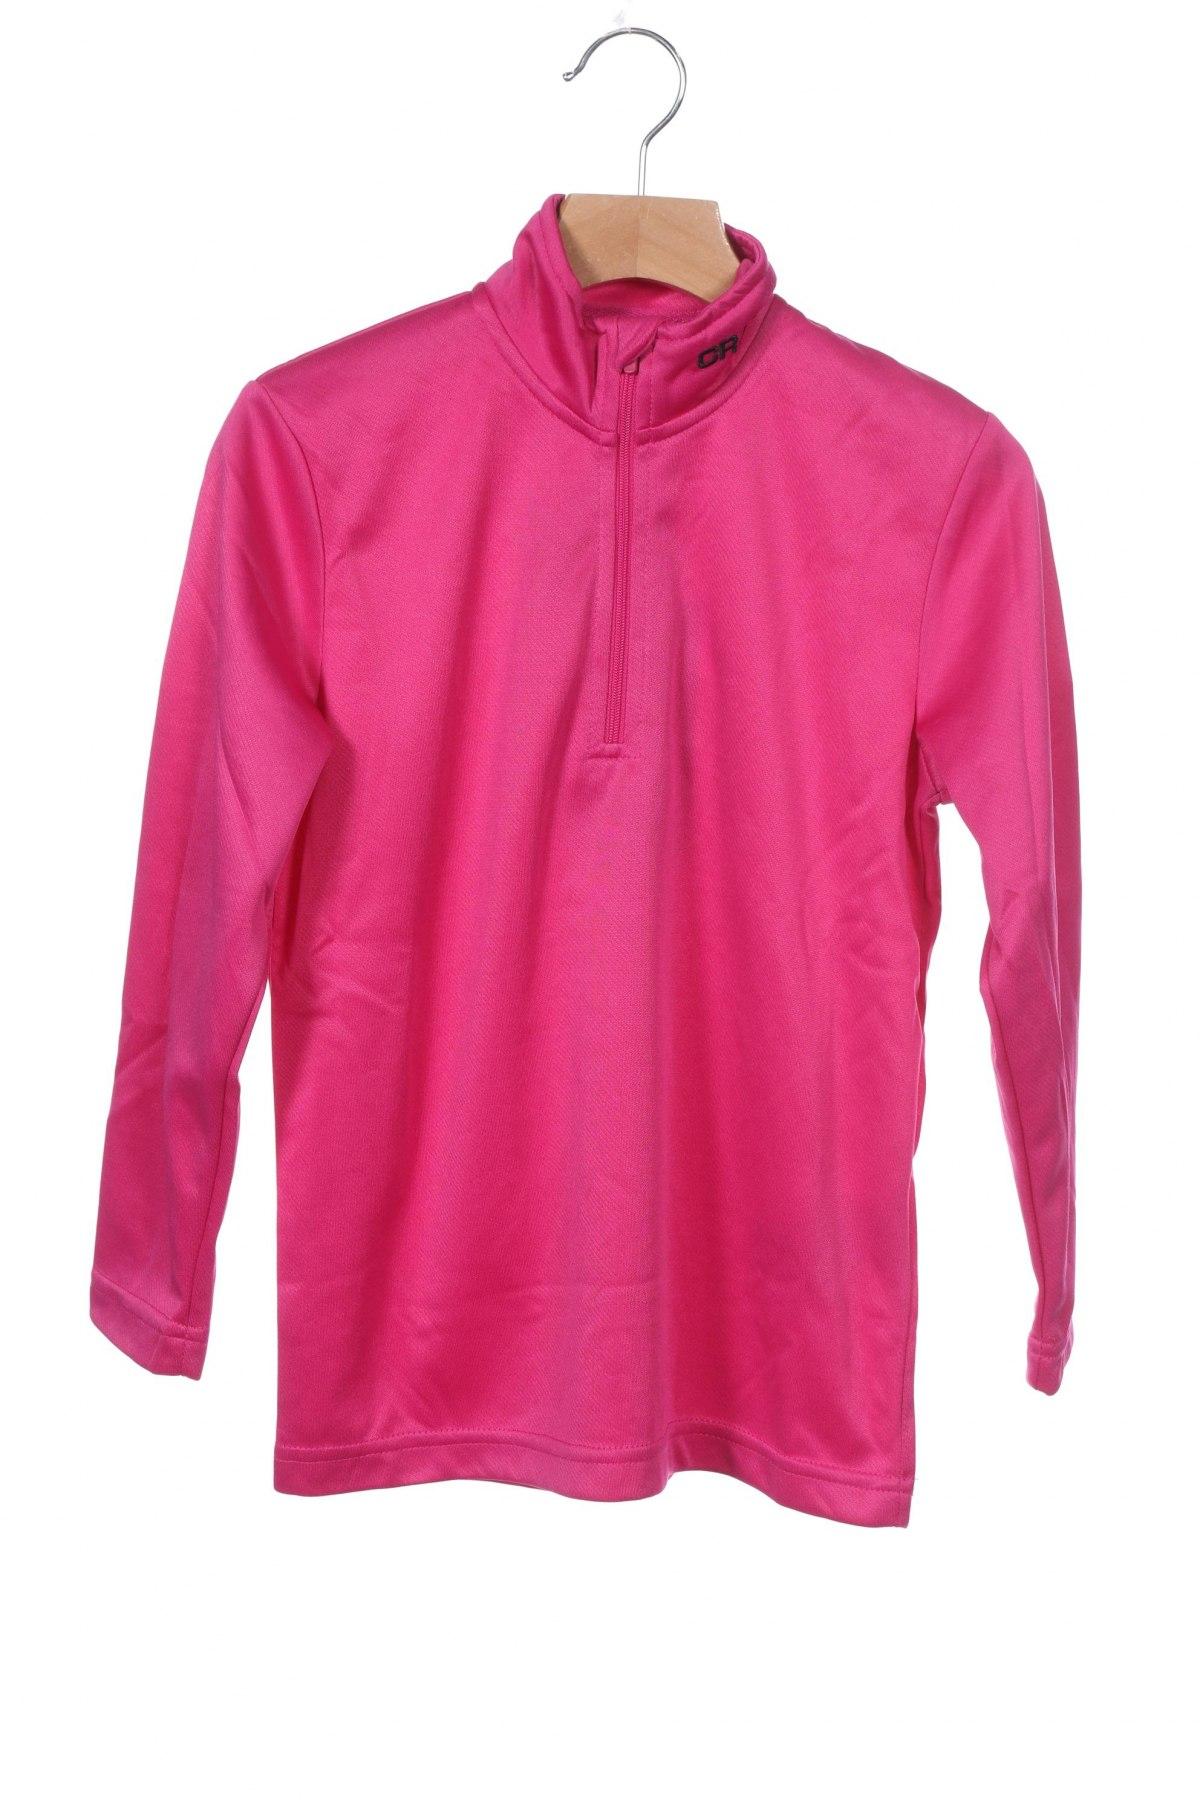 Παιδική μπλούζα αθλητική Craft, Μέγεθος 6-7y/ 122-128 εκ., Χρώμα Ρόζ , Πολυεστέρας, Τιμή 5,88€